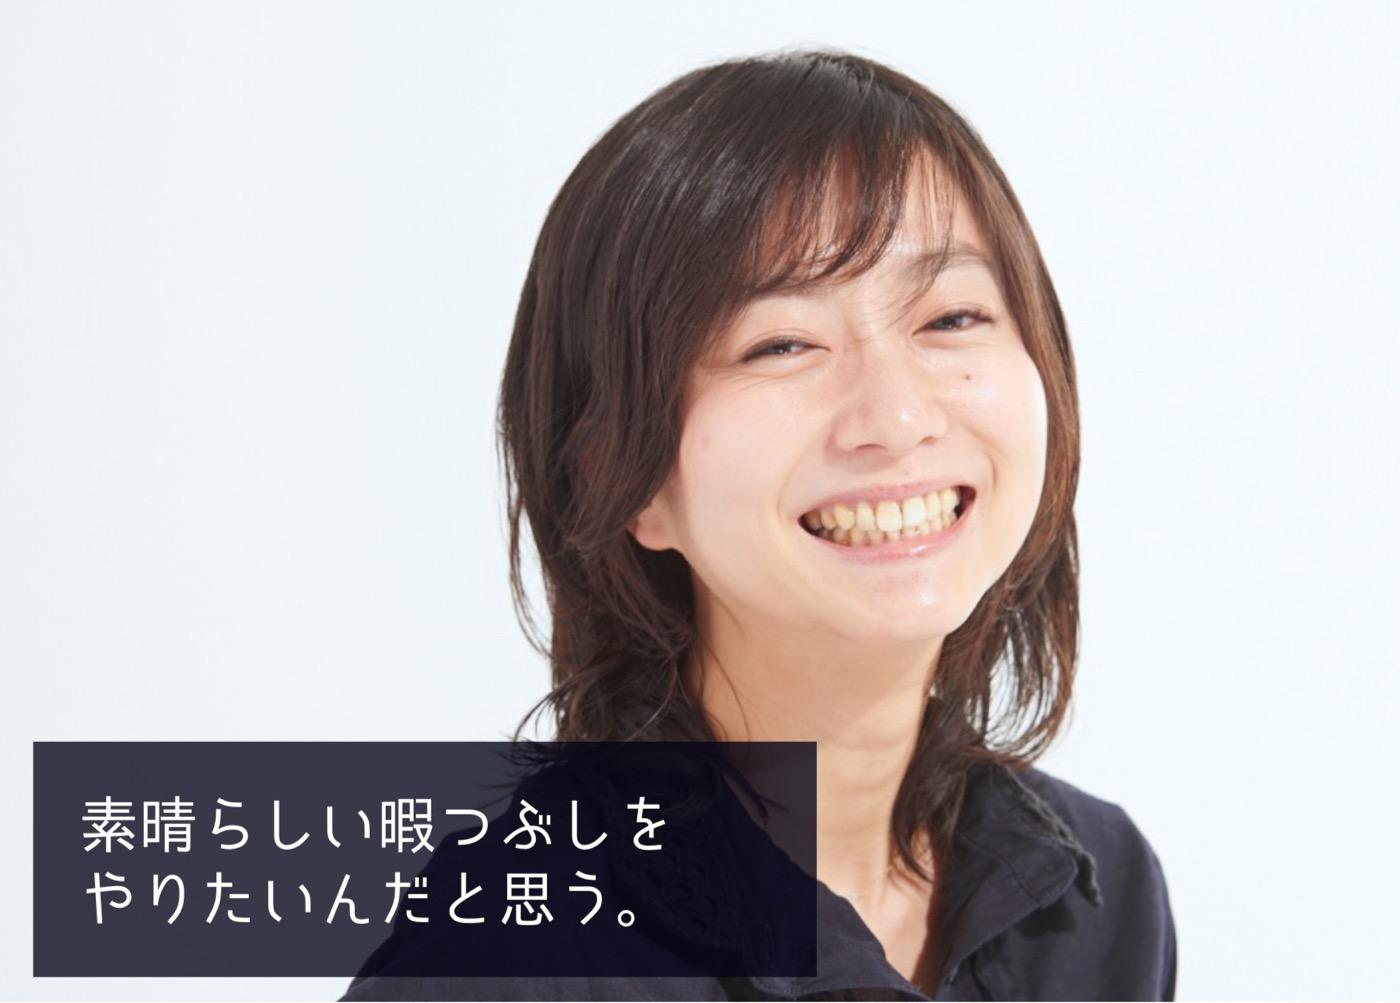 【作家・支援者インタビュー⑤】加藤亜由子が語る「表現すること」